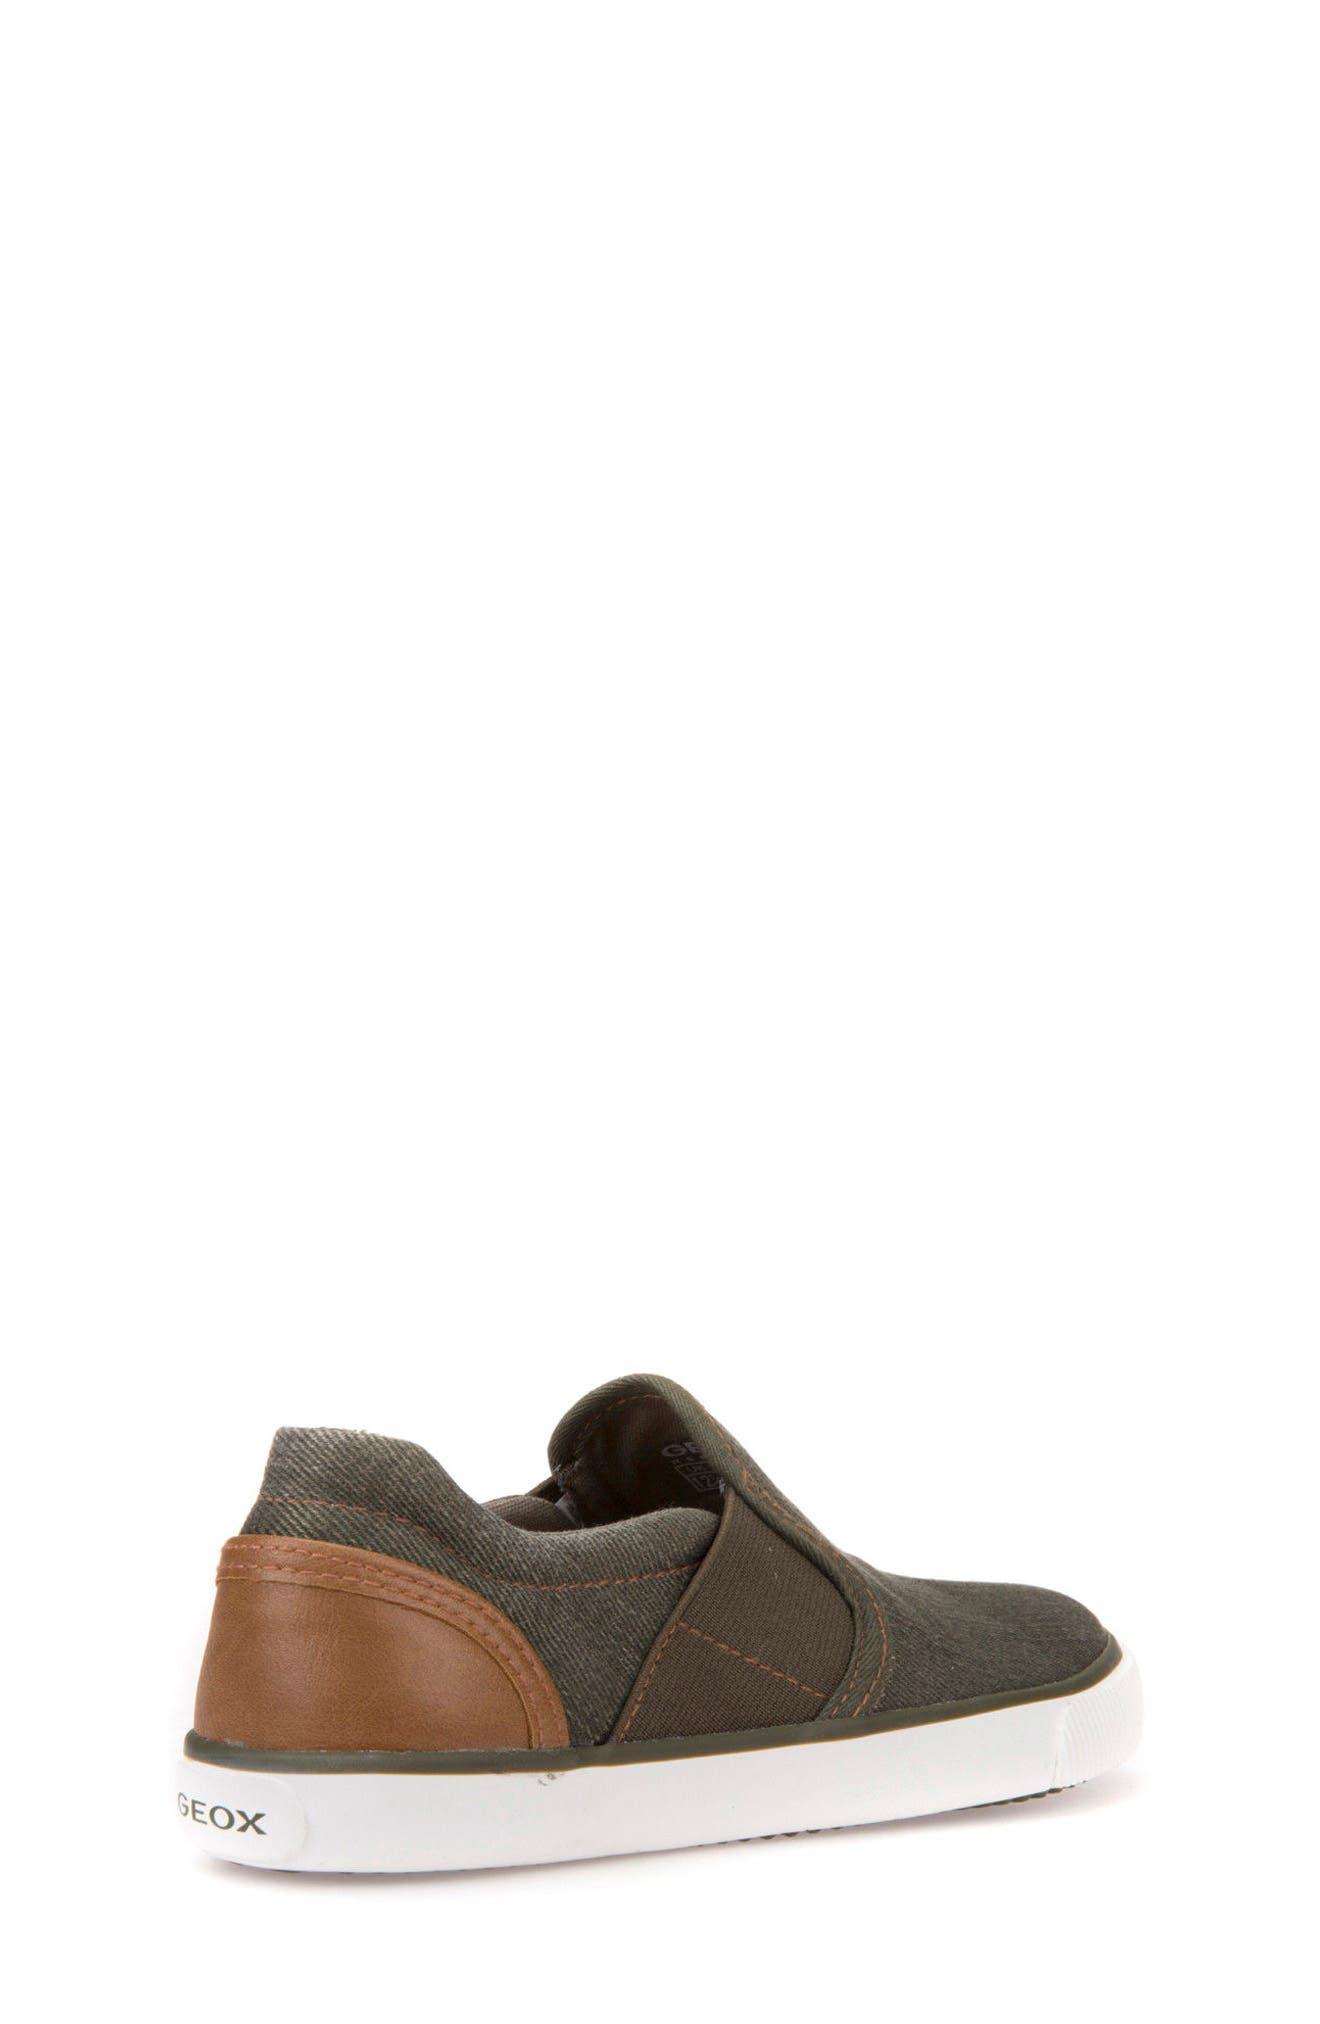 Kilwi Slip-On Sneaker,                             Alternate thumbnail 2, color,                             Military/ Light Brown